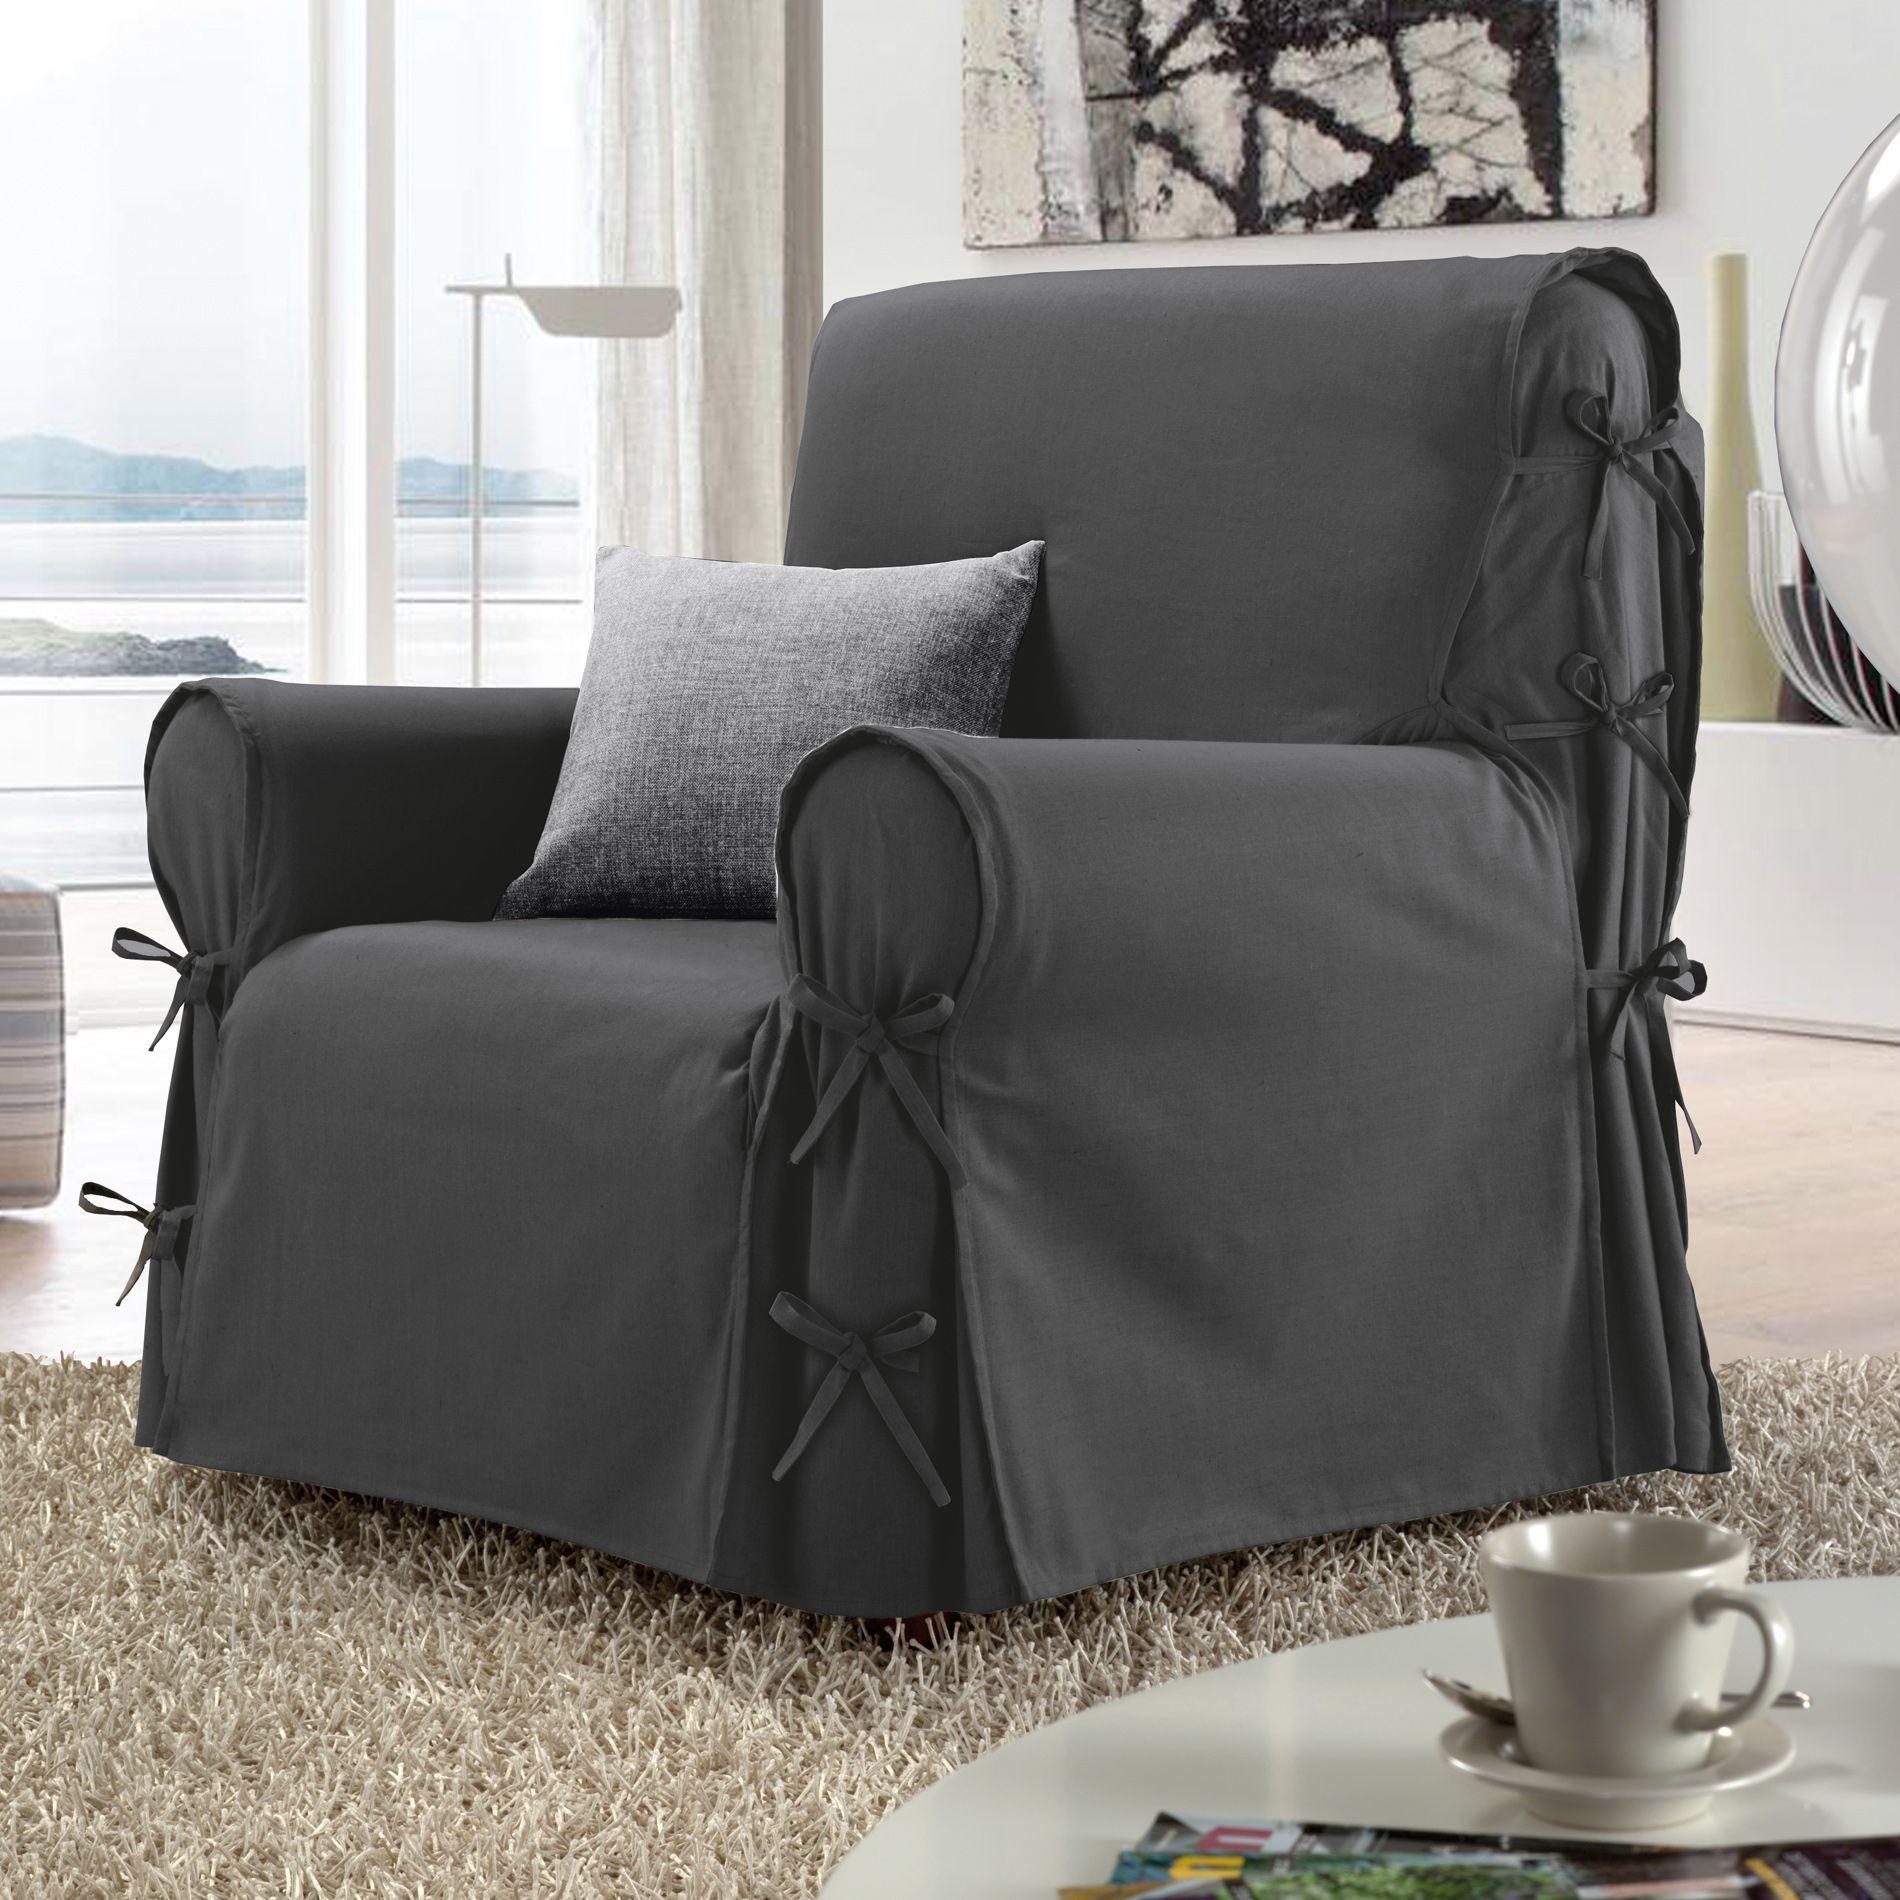 housse fauteuil stella anthracite 100 coton 57709 Résultat Supérieur 50 Luxe Housse Fauteuil Pic 2017 Zzt4